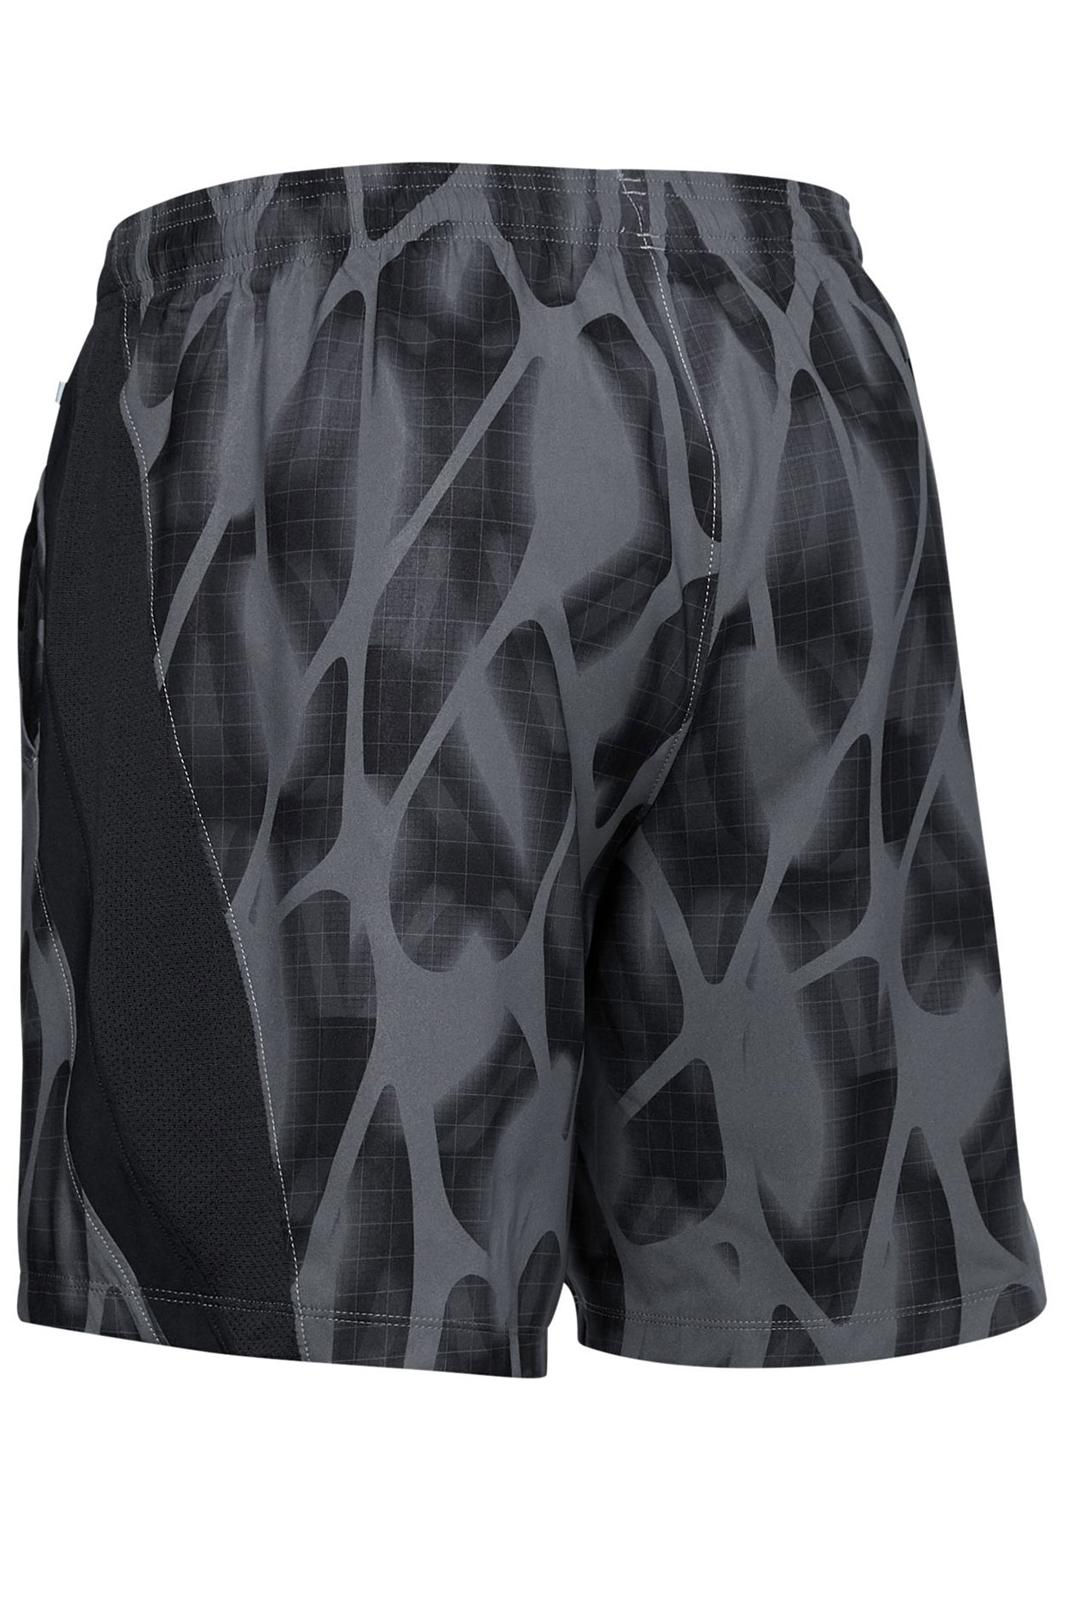 Shorts & Bermudas  Under armour UA1326573001H19 001-BLACK